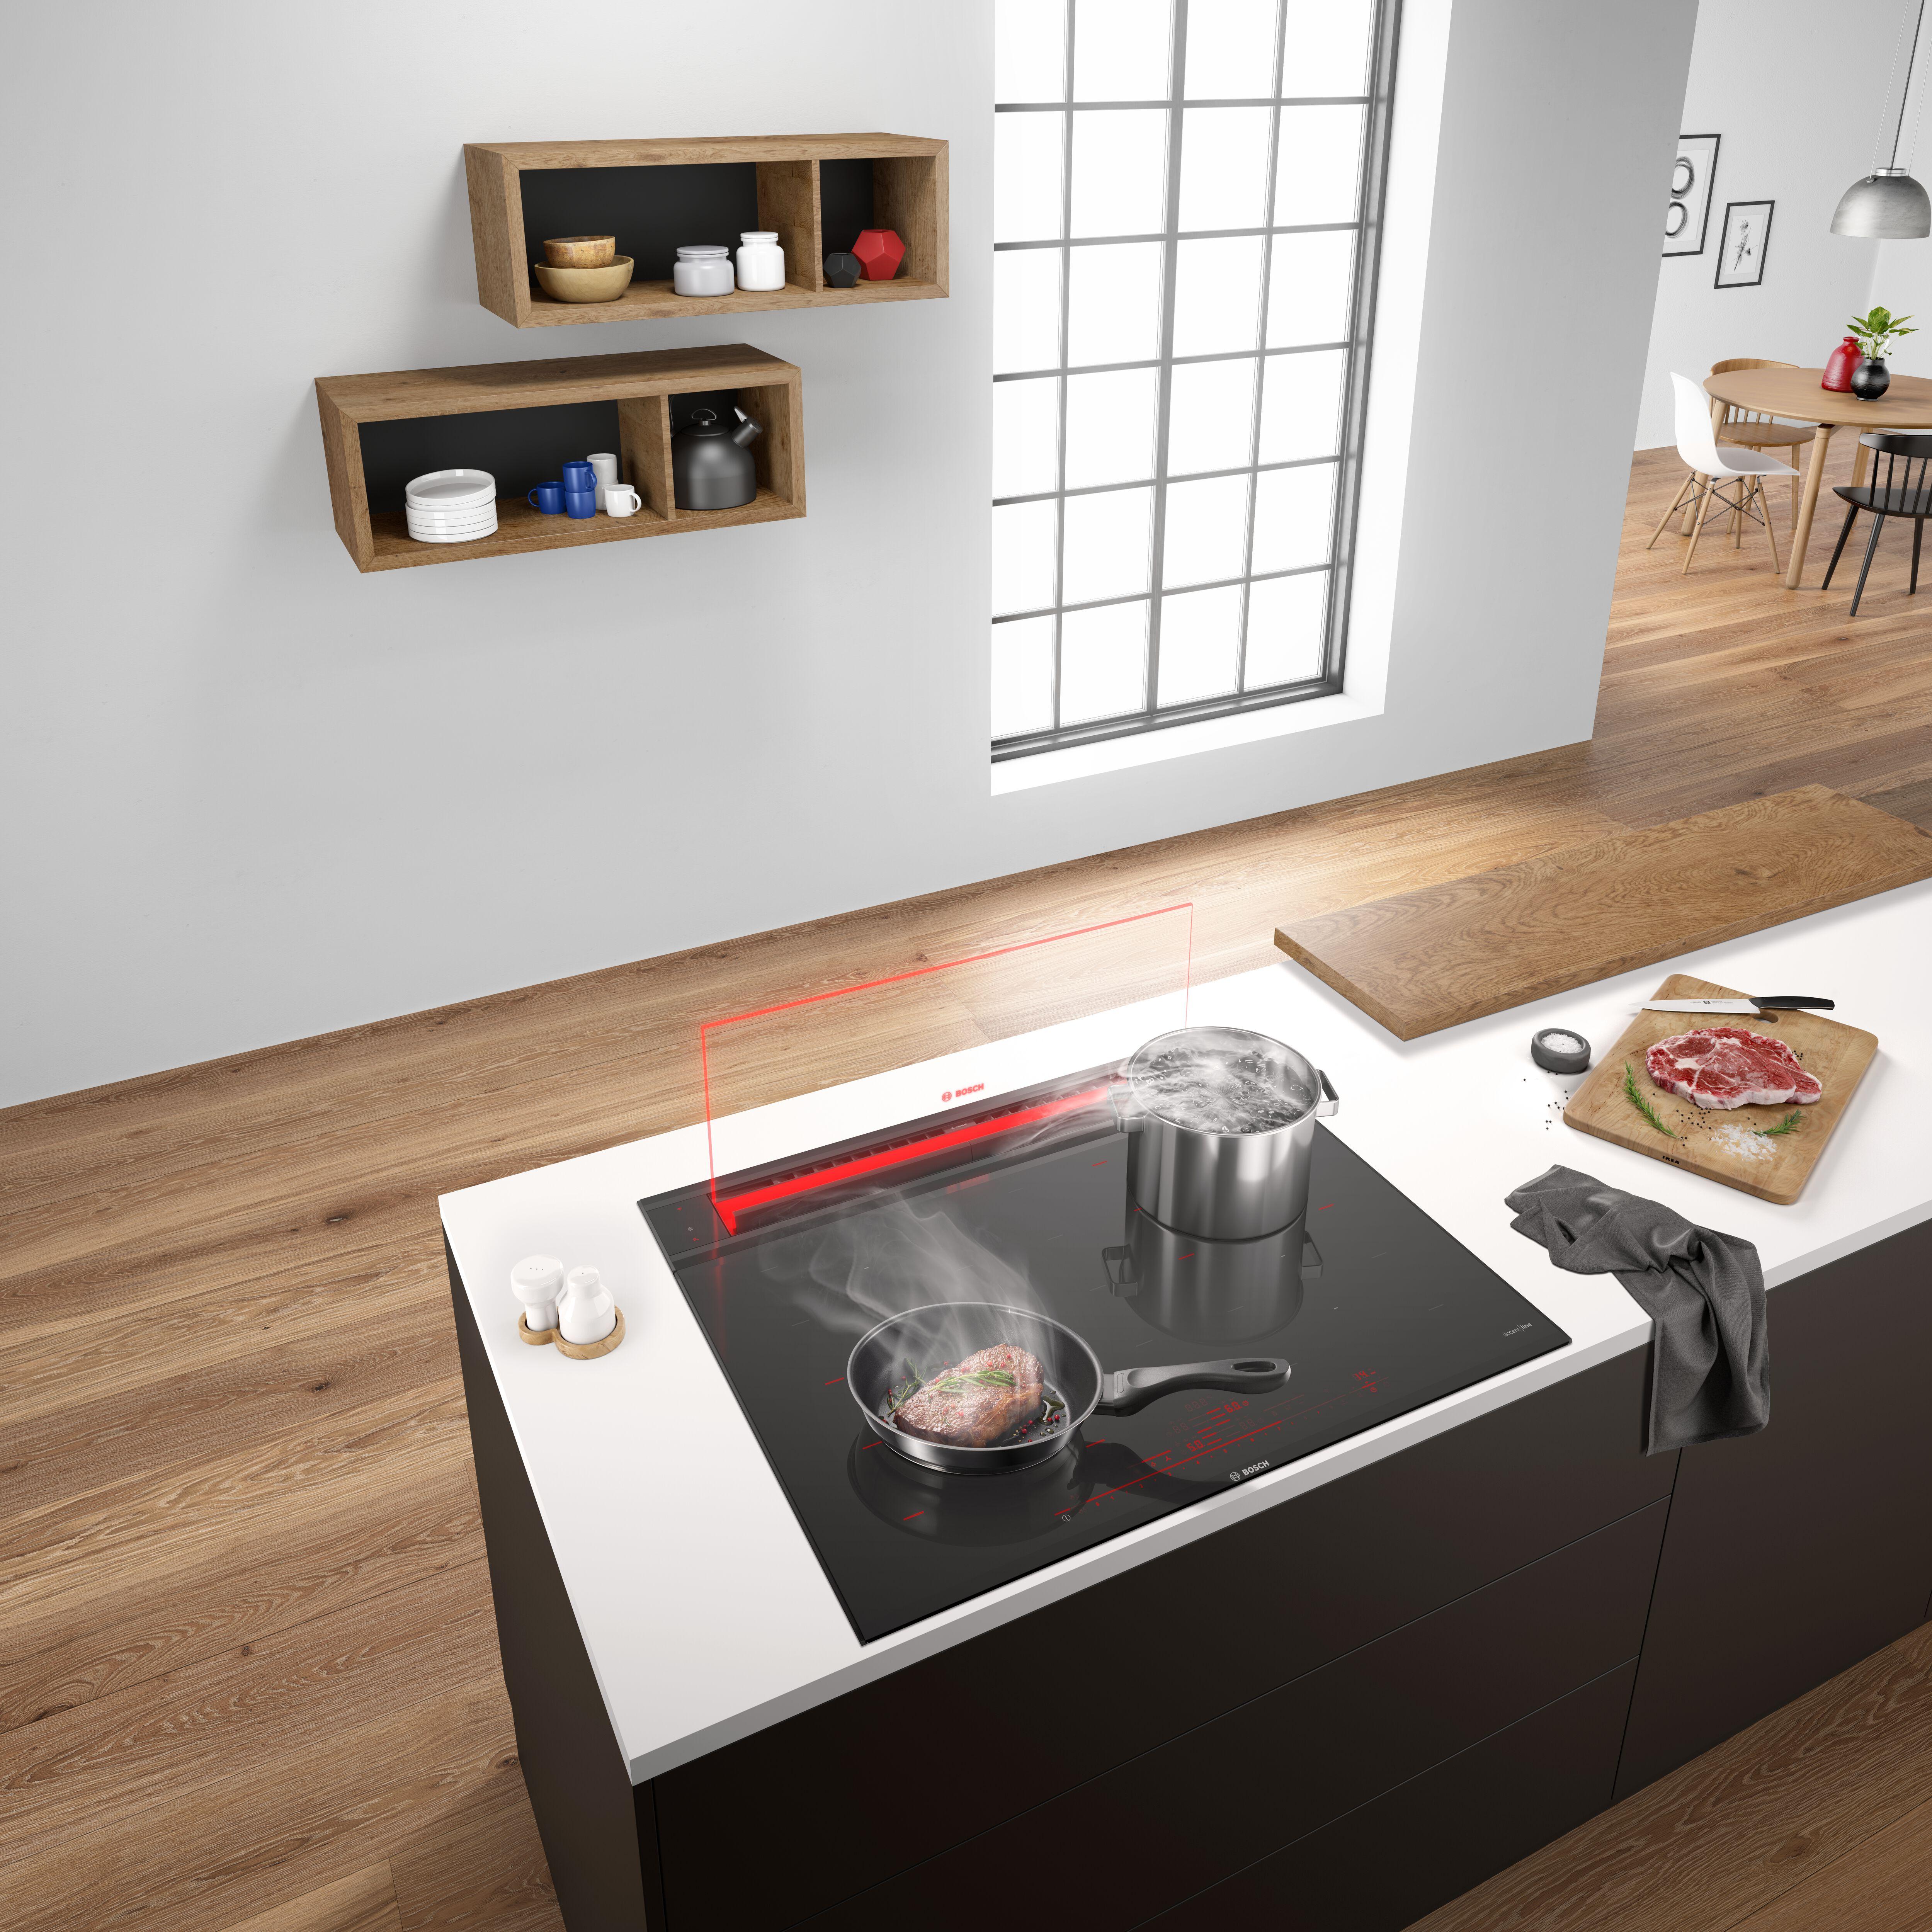 Nápadně nenápadná: Digestoře jako vizuální prvek v kuchyni